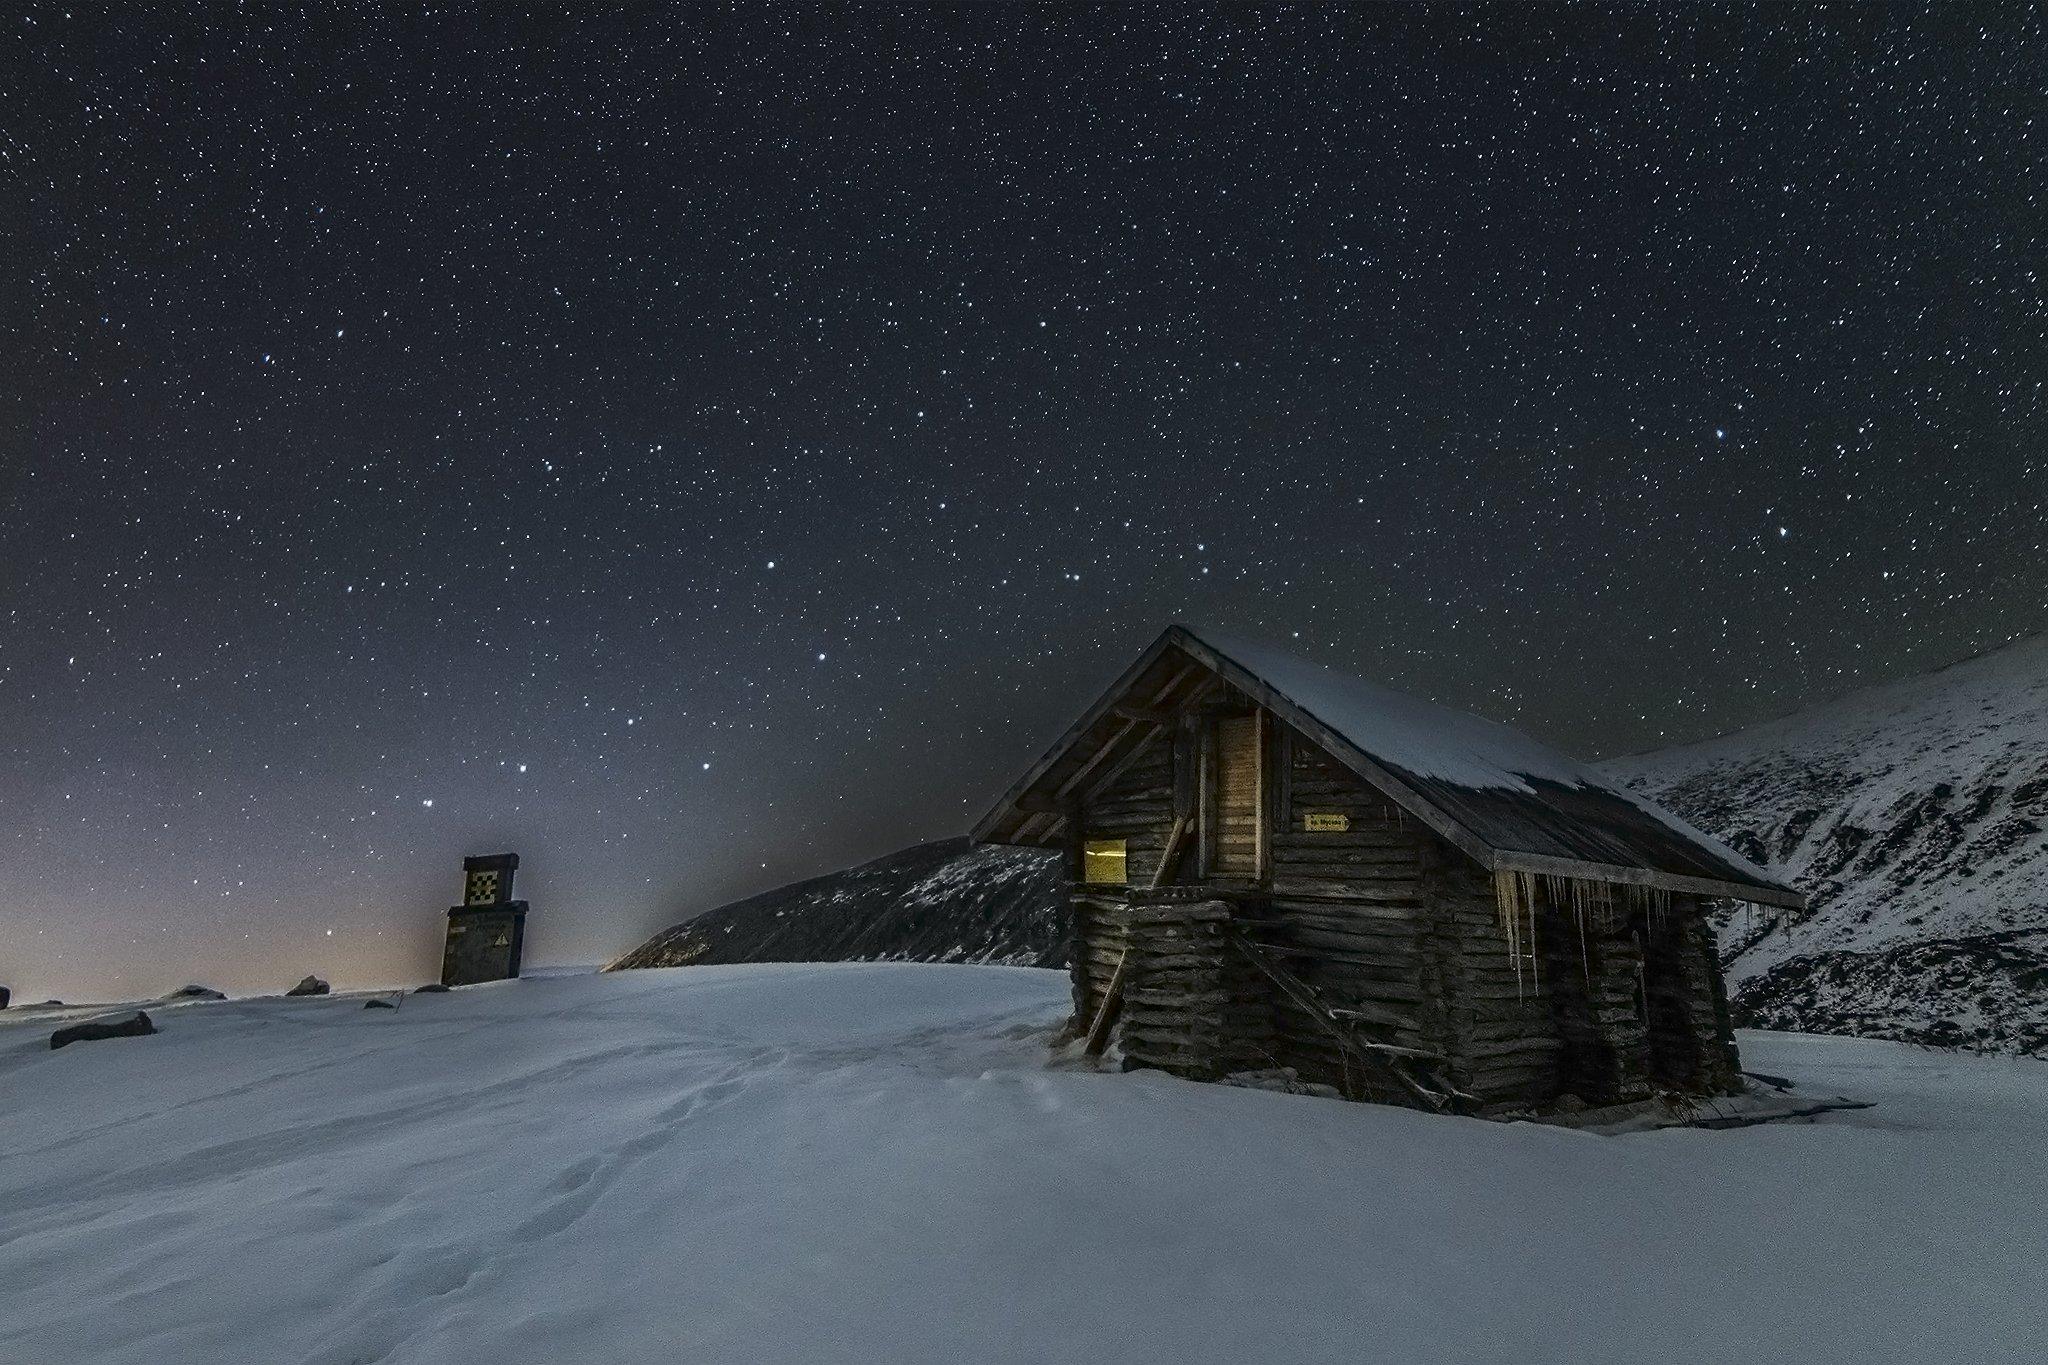 musala, mountain, hut, snow, stars, sky, dark, Nikolai Alexiev